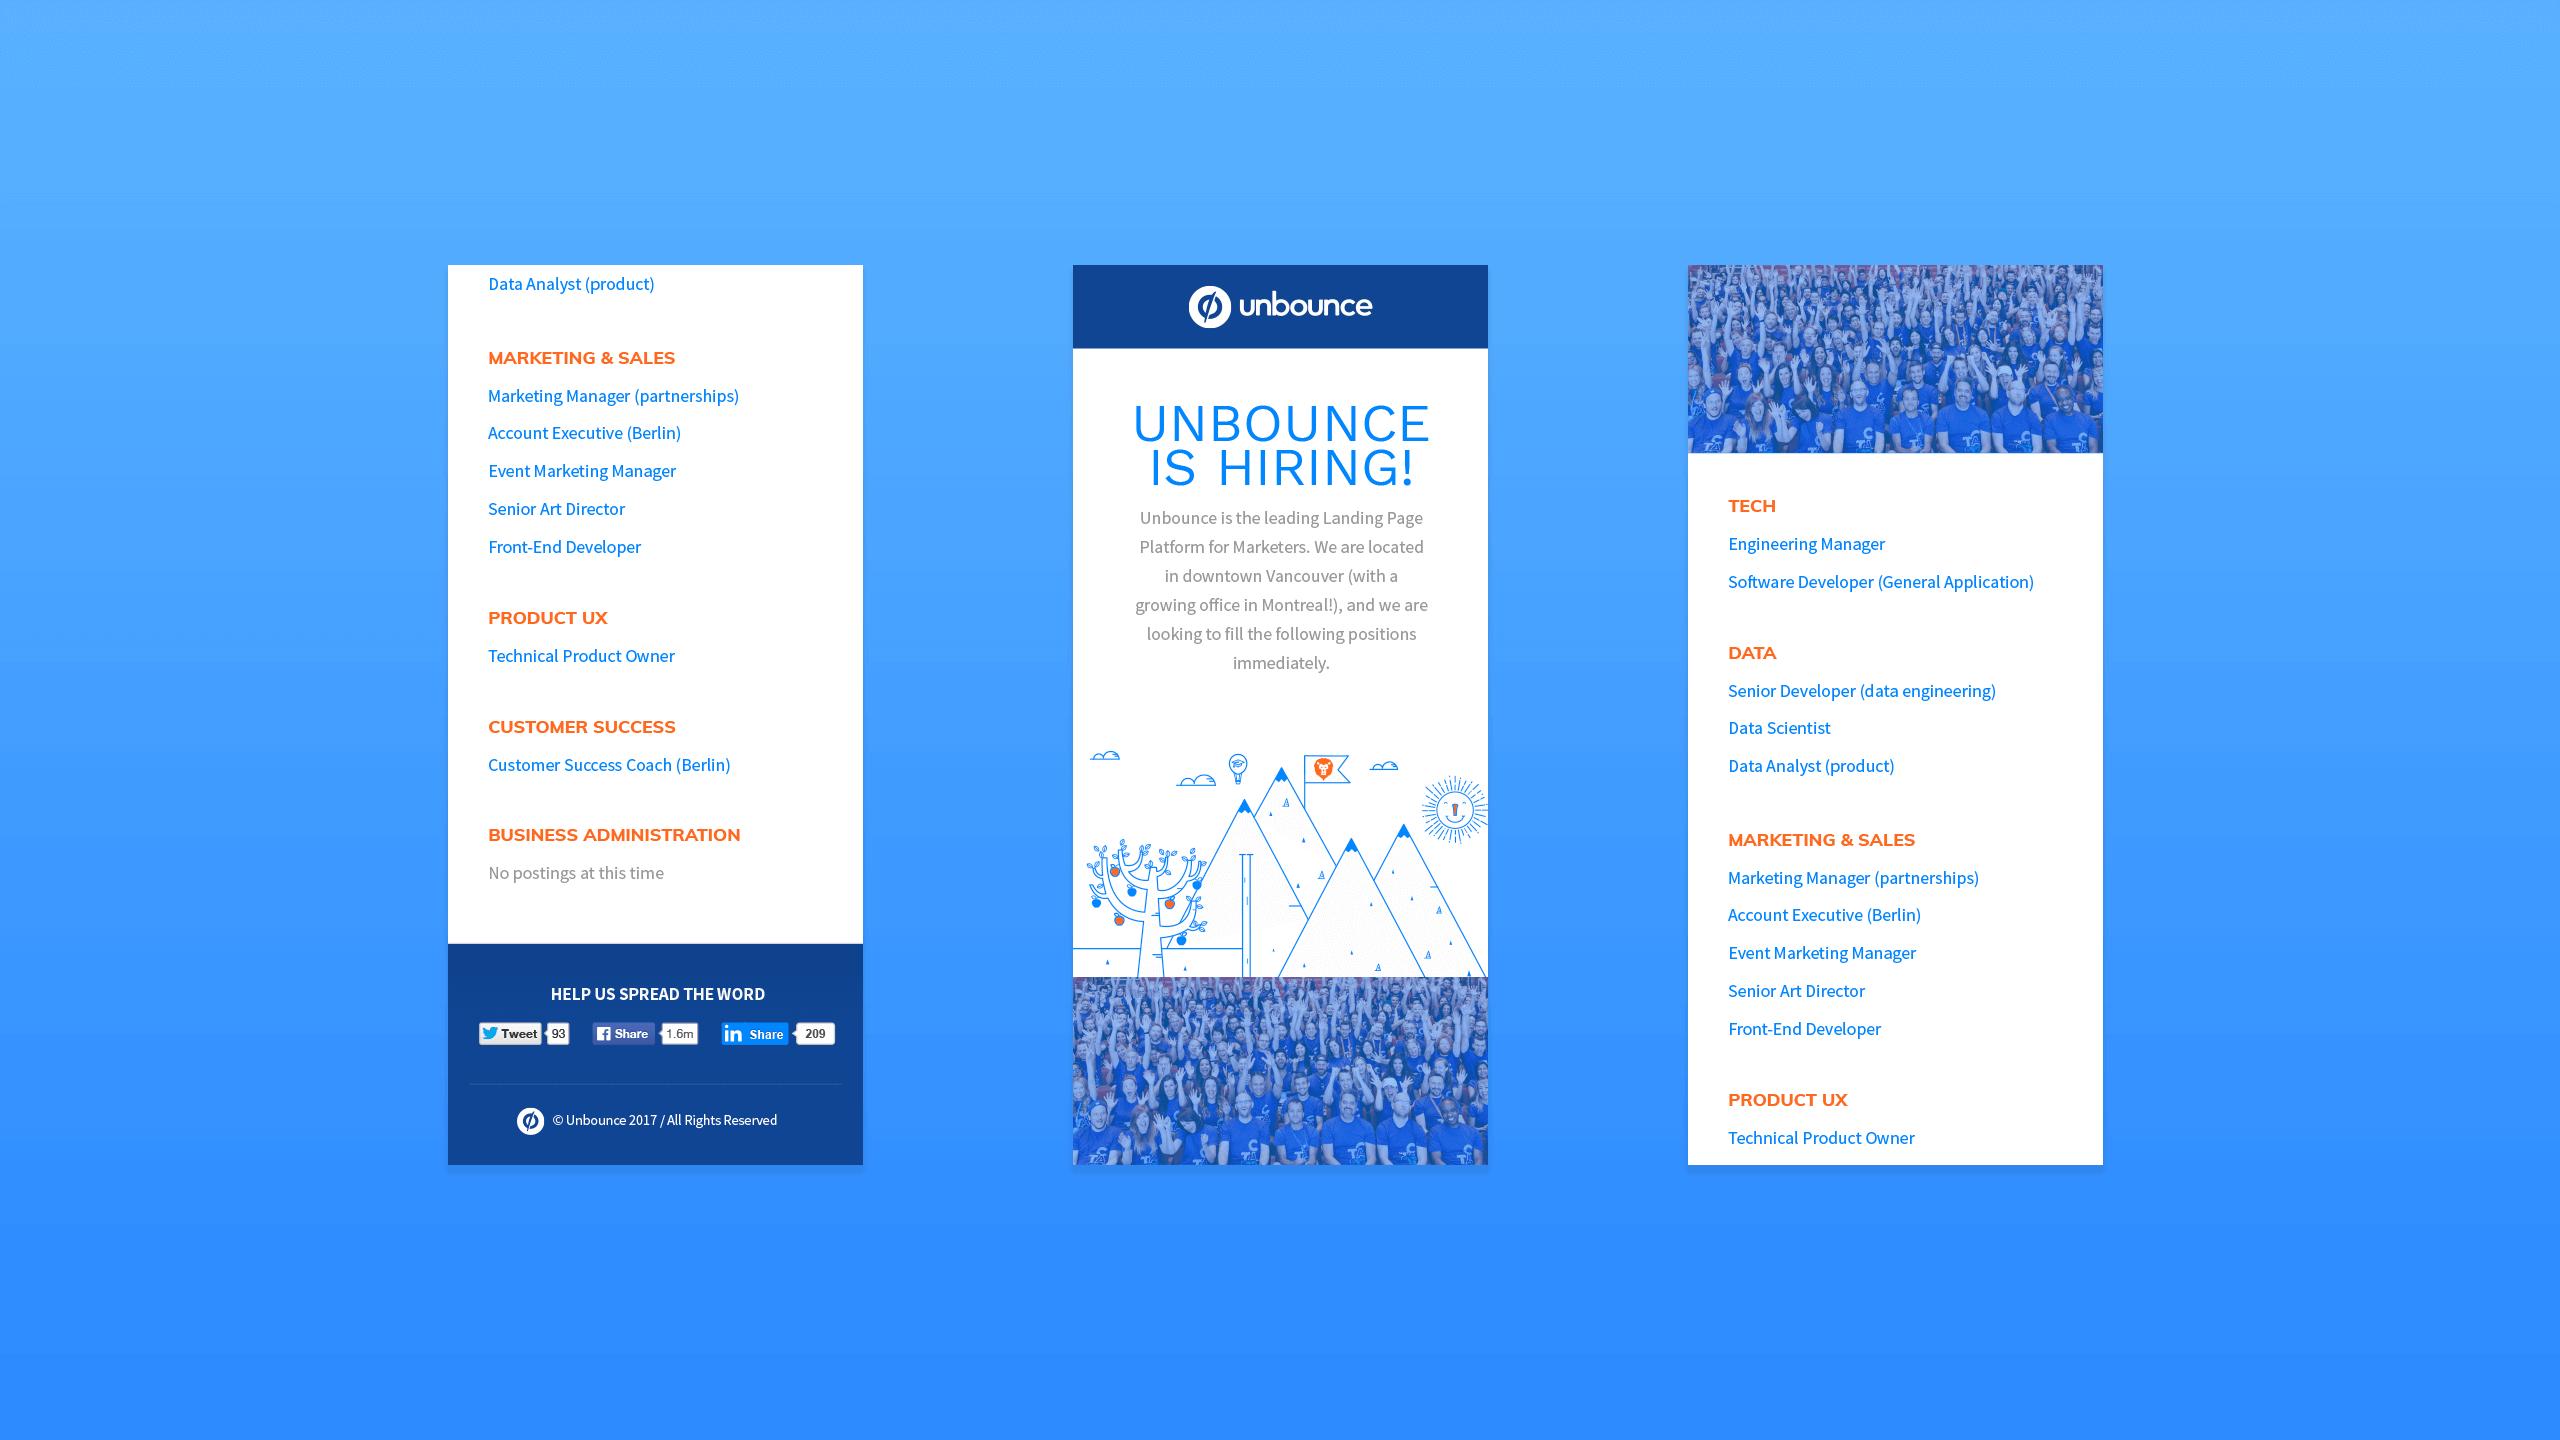 unbounce-careers-homepage-004